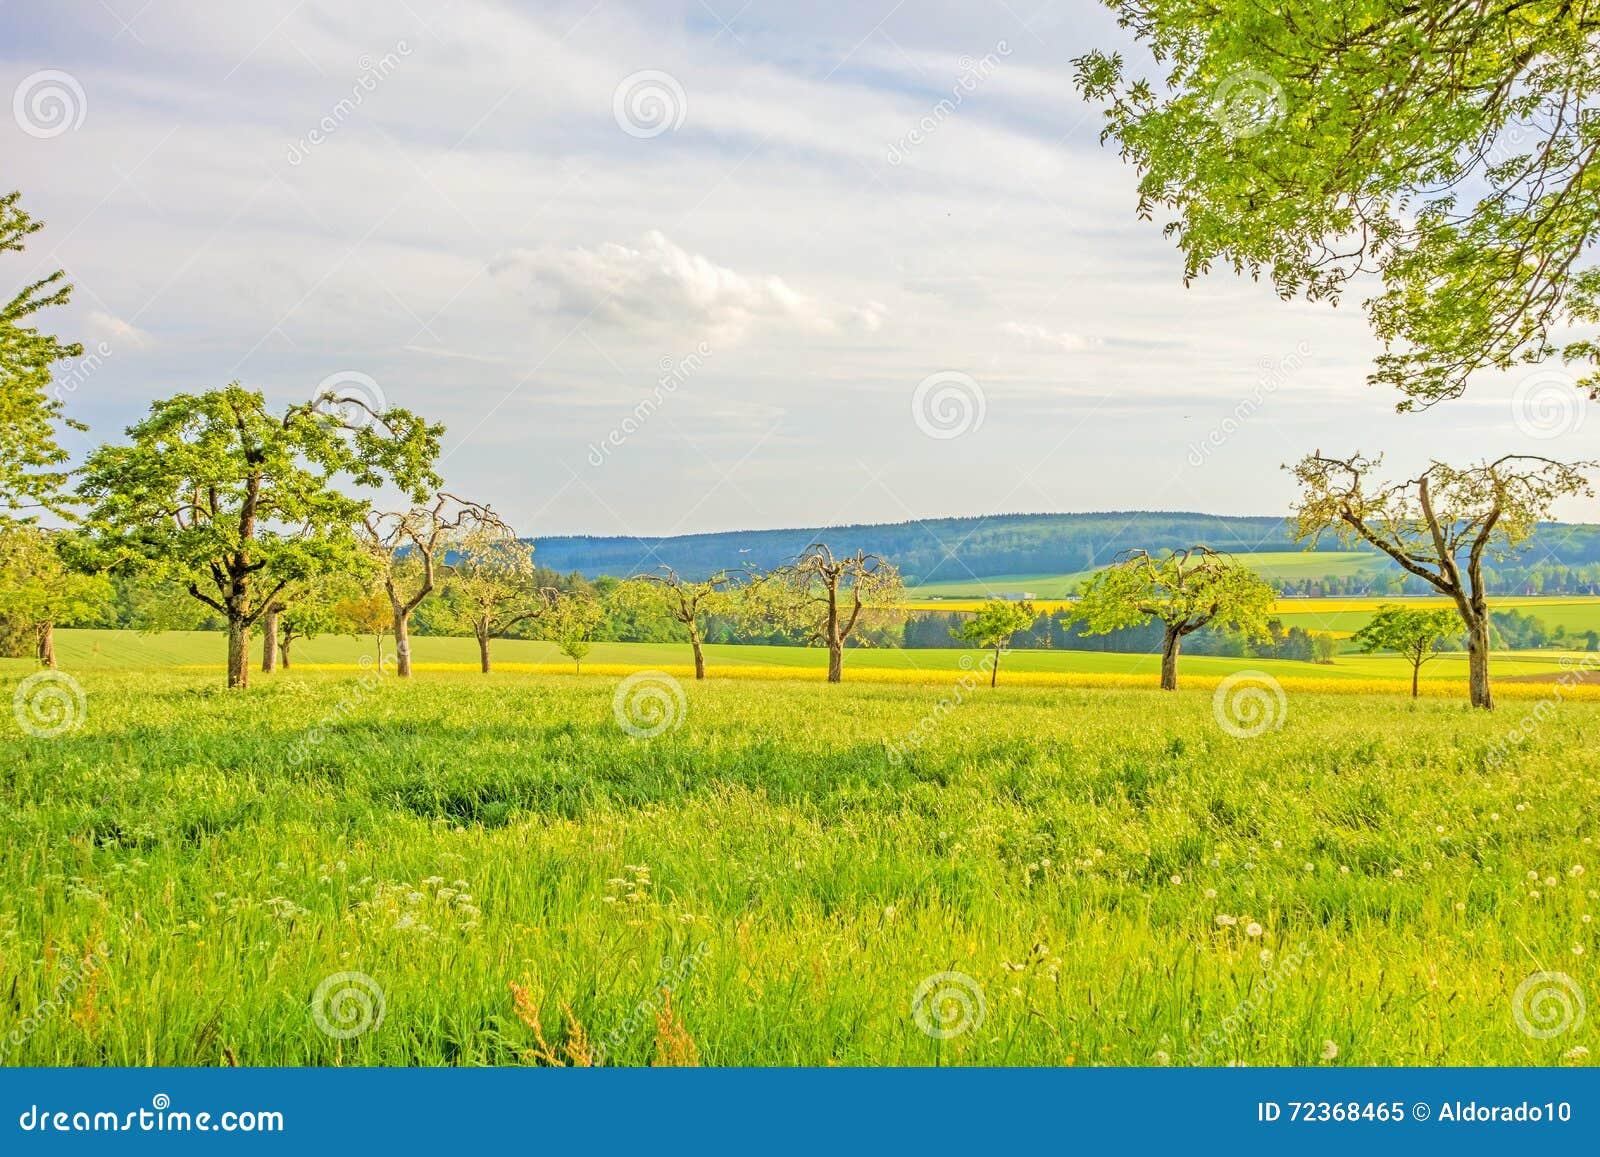 Pré vert avec les arbres fruitiers - paysage rural